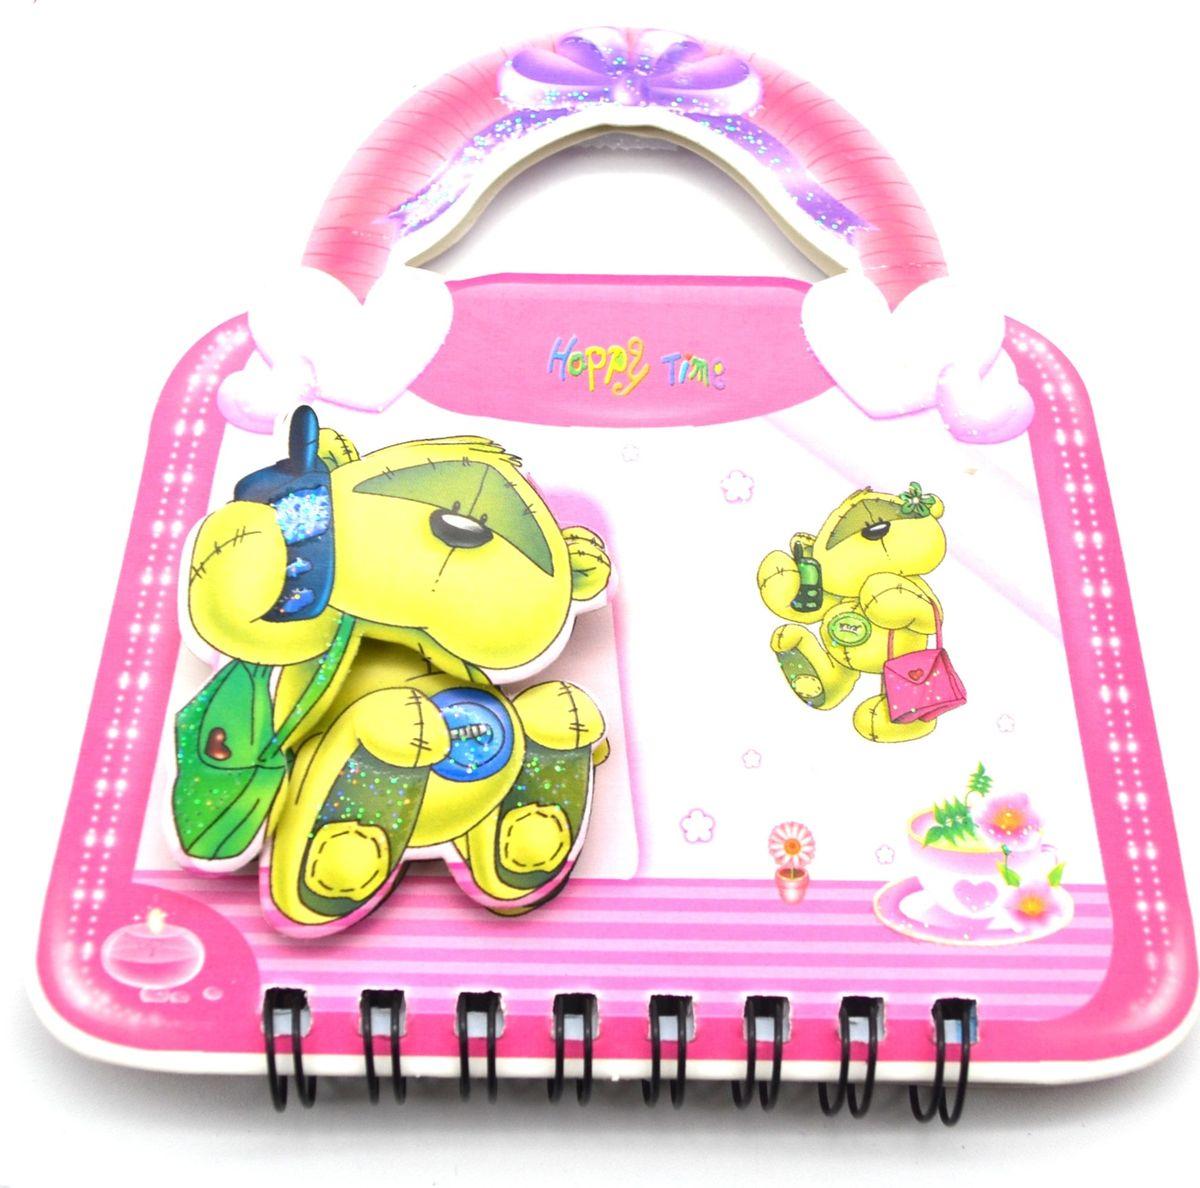 Карамба Блокнот Мишка на сумочке 50 листов в линейку цвет розовый 357272523WDБлокнот с объемным изображением мишки на лицевой стороне выполнен в виде сумочки с ручками (50 листов). Листики окрашены в голубой и зеленый цвета. На каждом листочке изображен мишка